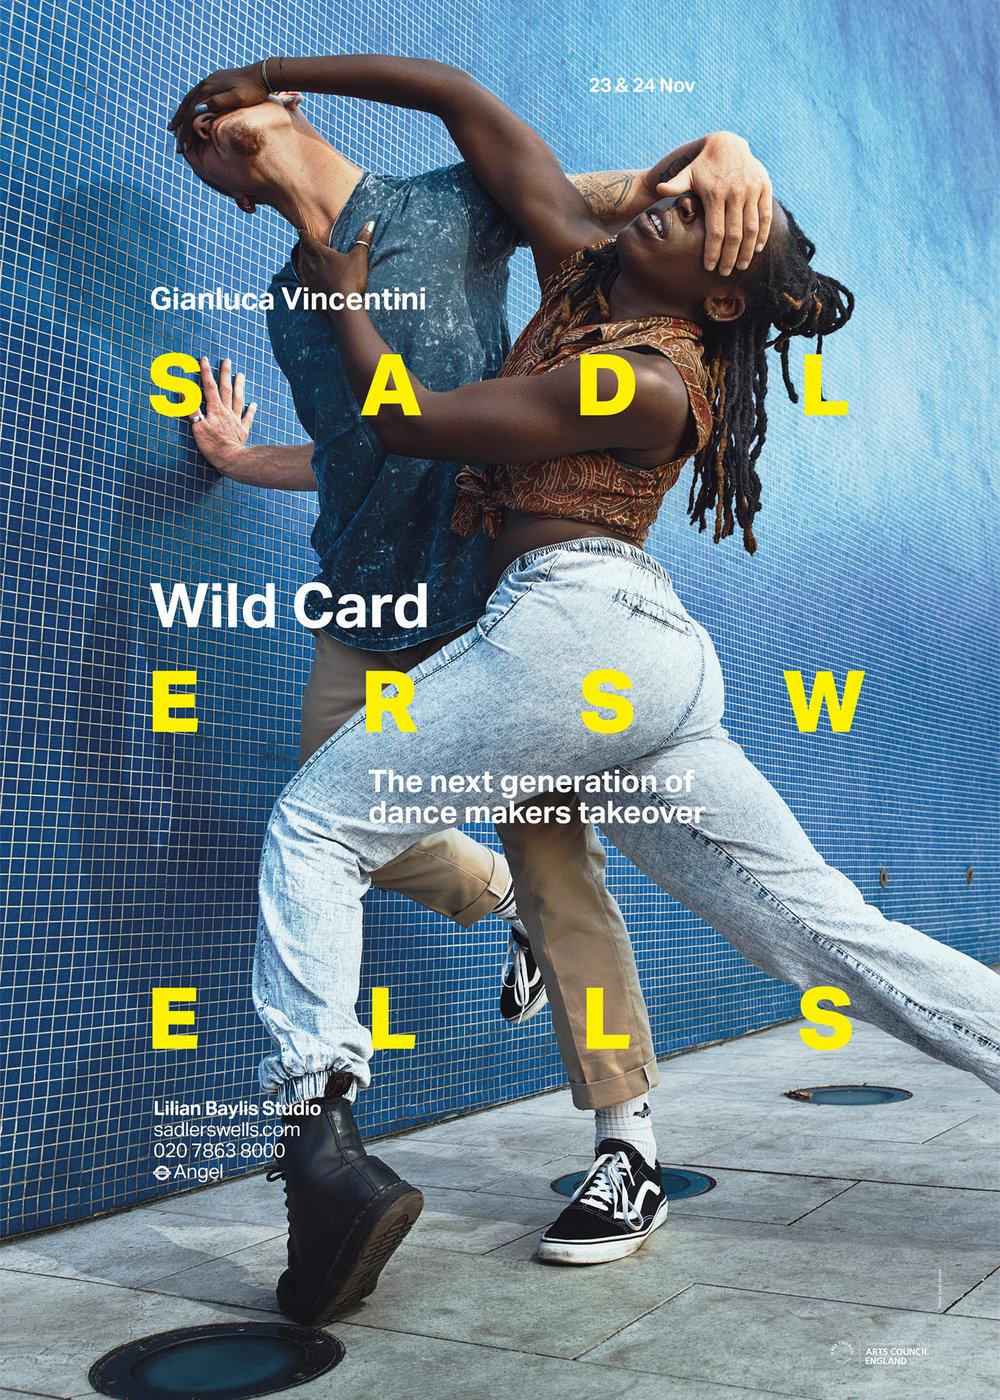 WILD CARD SADLERS WELLS